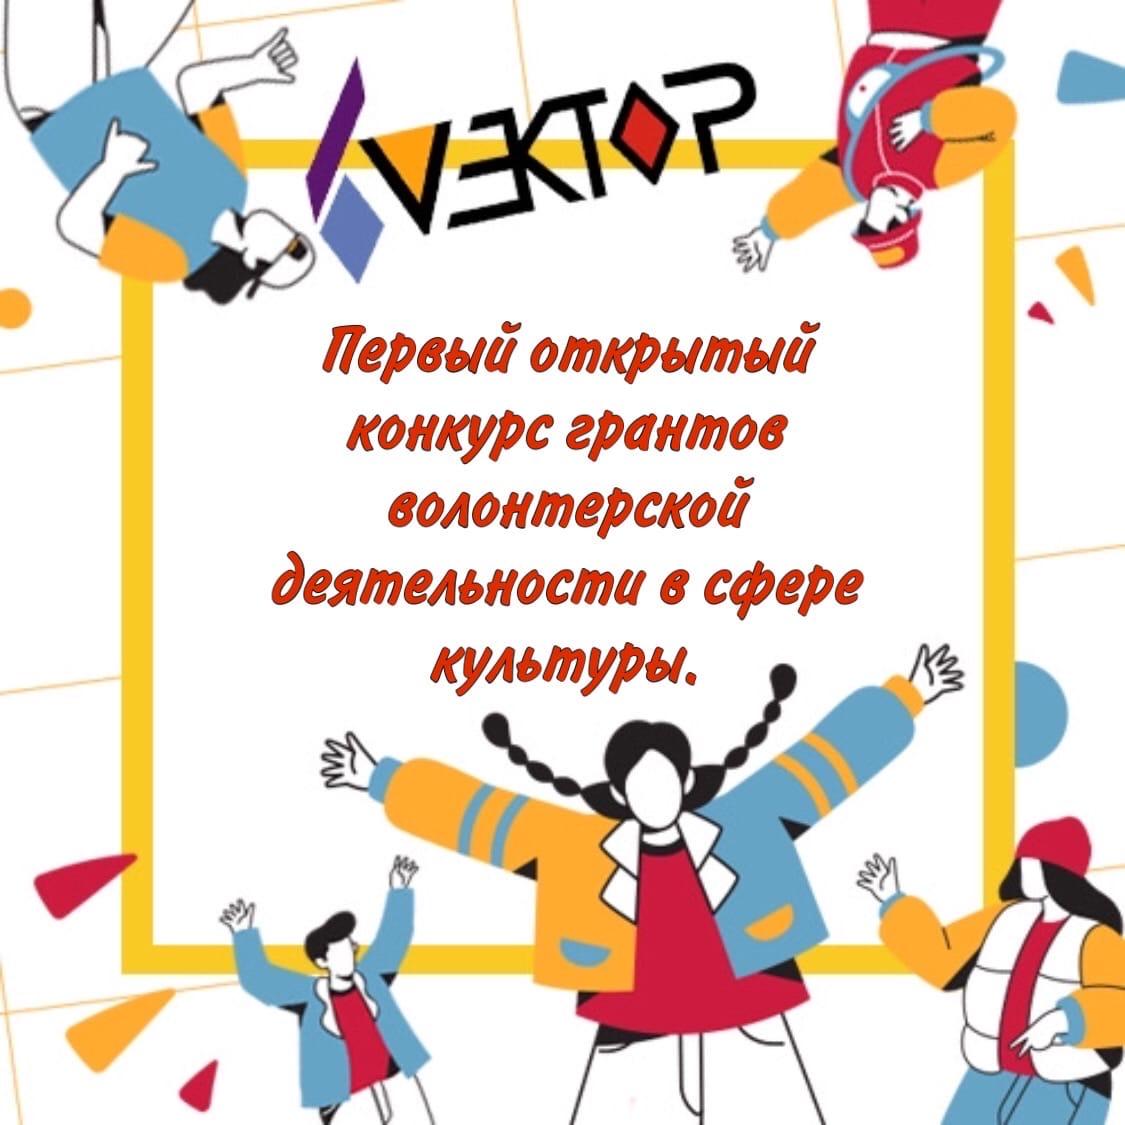 Первый открытый конкурс грантов волонтерской деятельности в сфере культуры